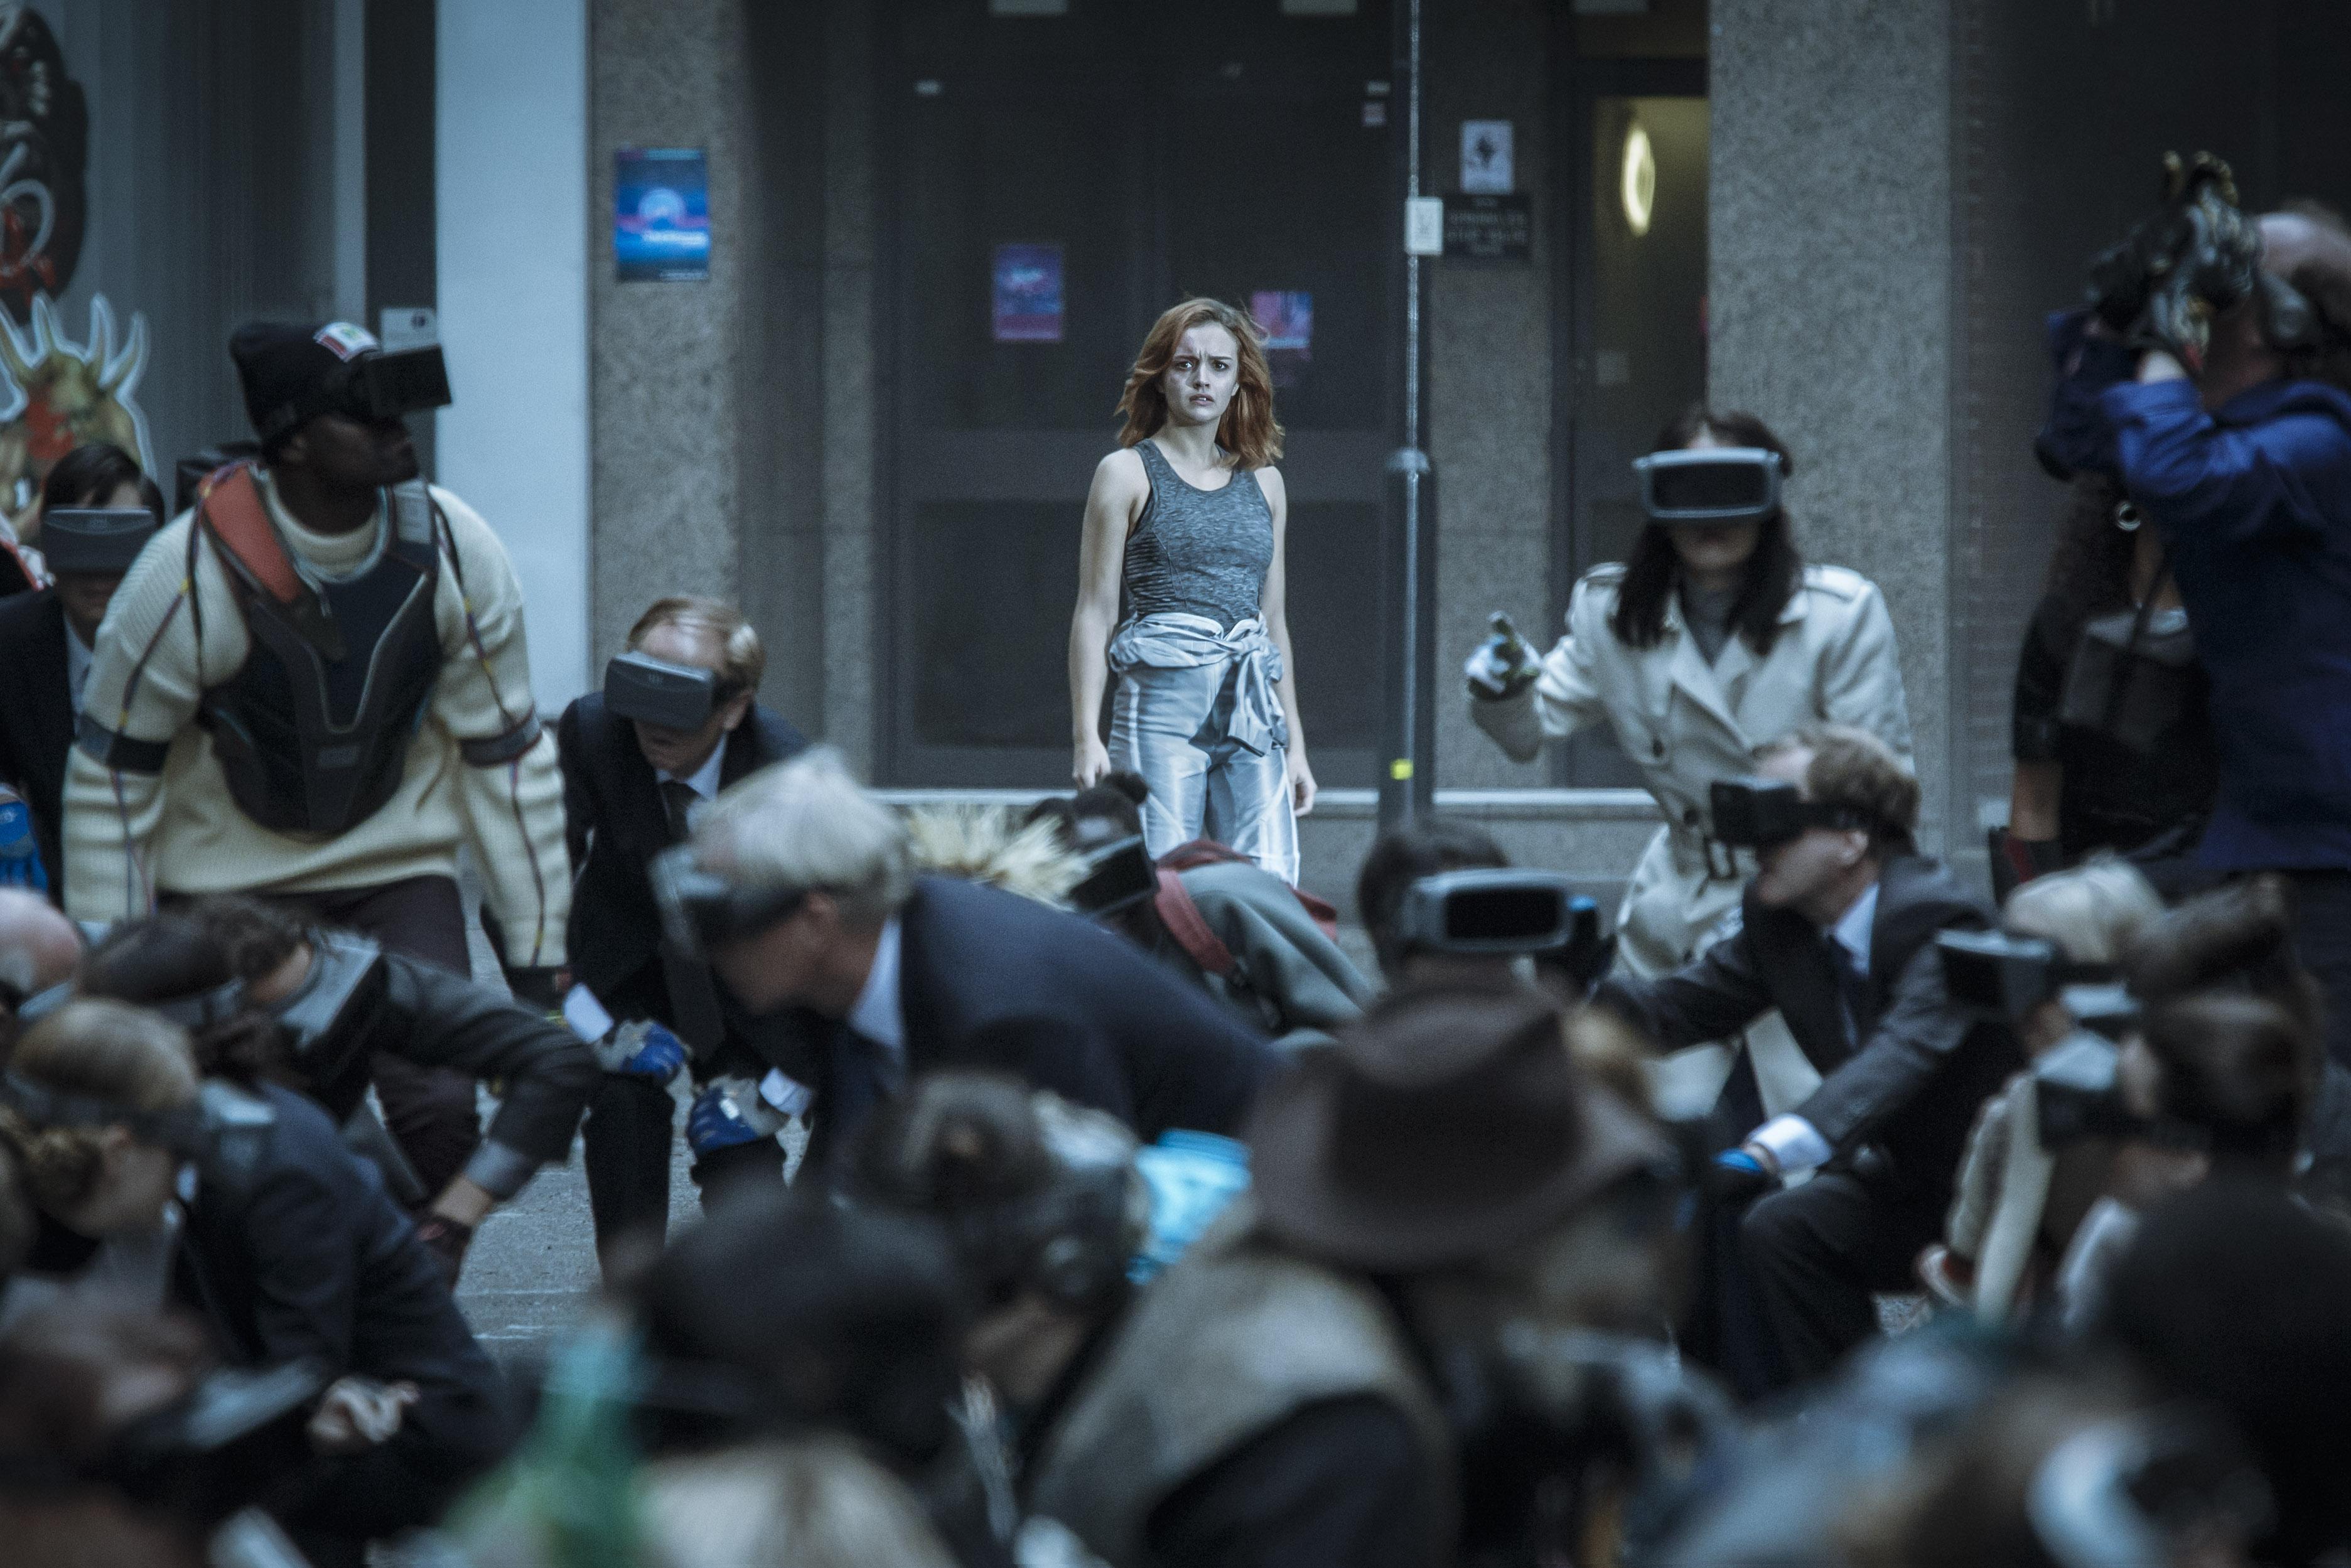 Samantha Cook (interprétée par Olivia Cooke) au milieu de joueurs concentrés sur la course qui a lieu dans l'Oasis virtuelle. Scène du film Ready Player One de Steven Spielberg.